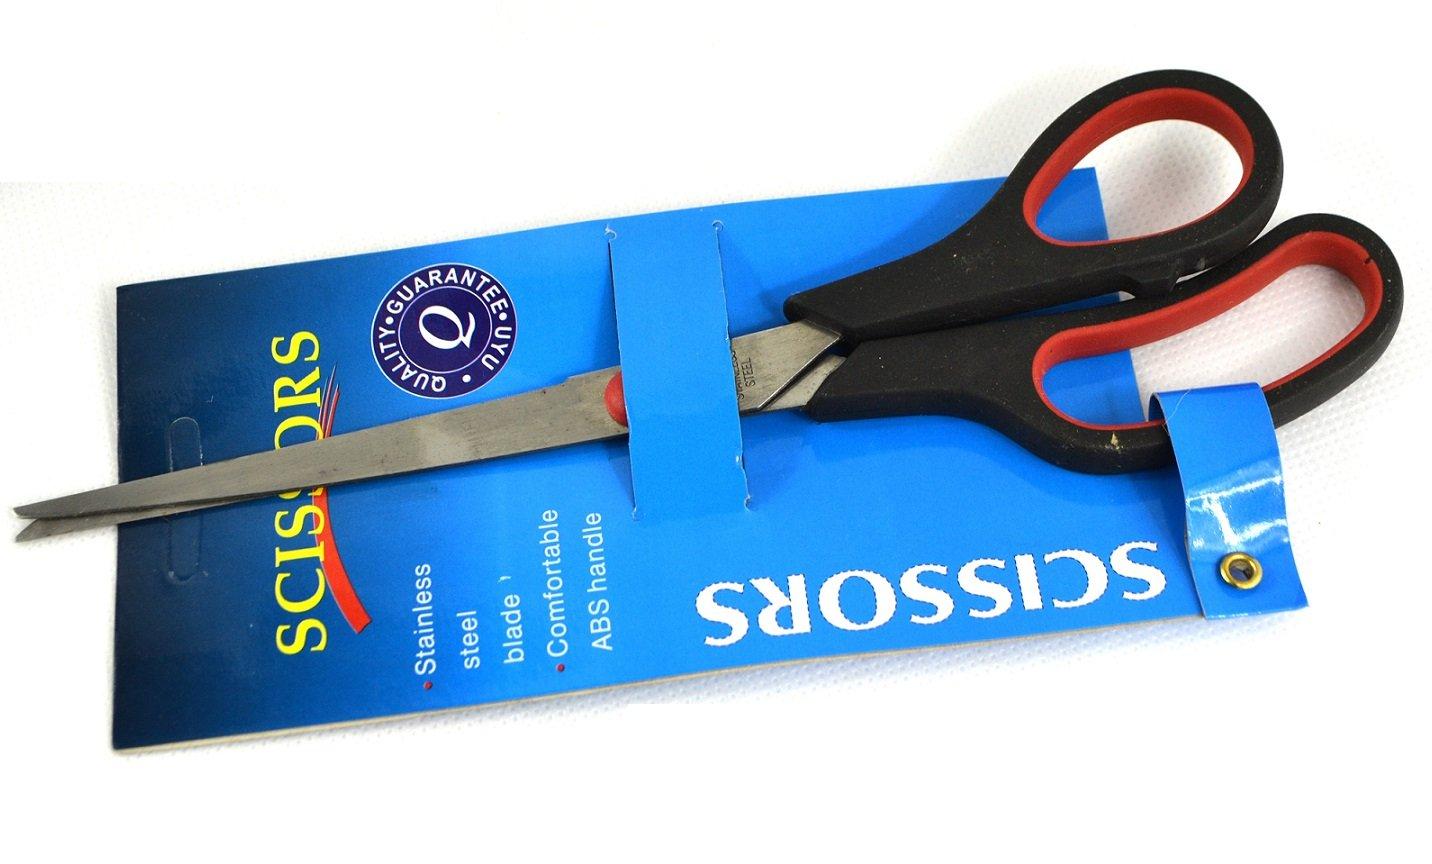 Školské nožnice pre papier veľké kancelárske nožnice